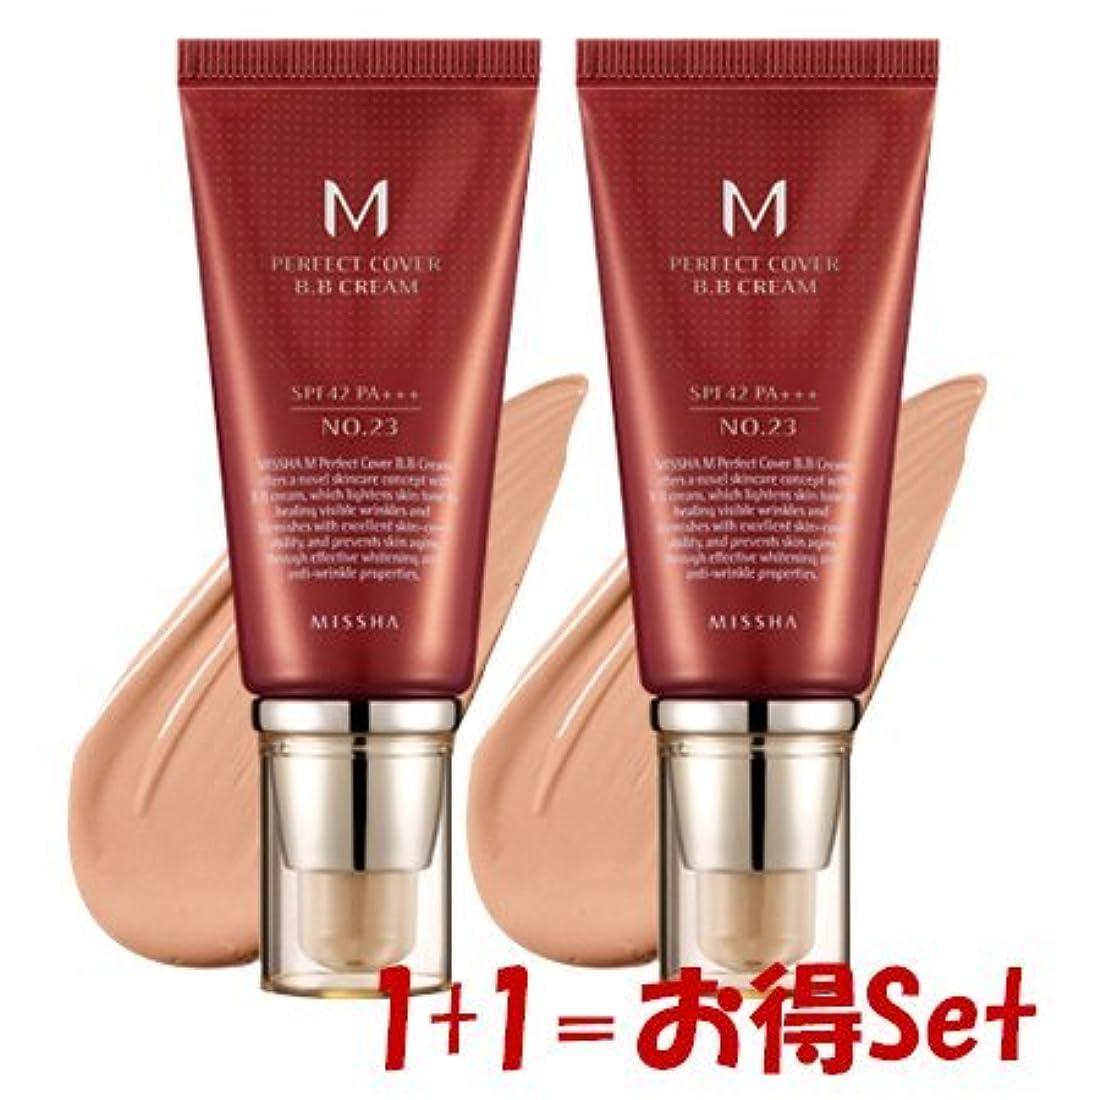 いまオリエンタルカセットMISSHA(ミシャ) M Perfect Cover パーフェクトカバーBBクリーム 23号+23号(1+1=お得Set)